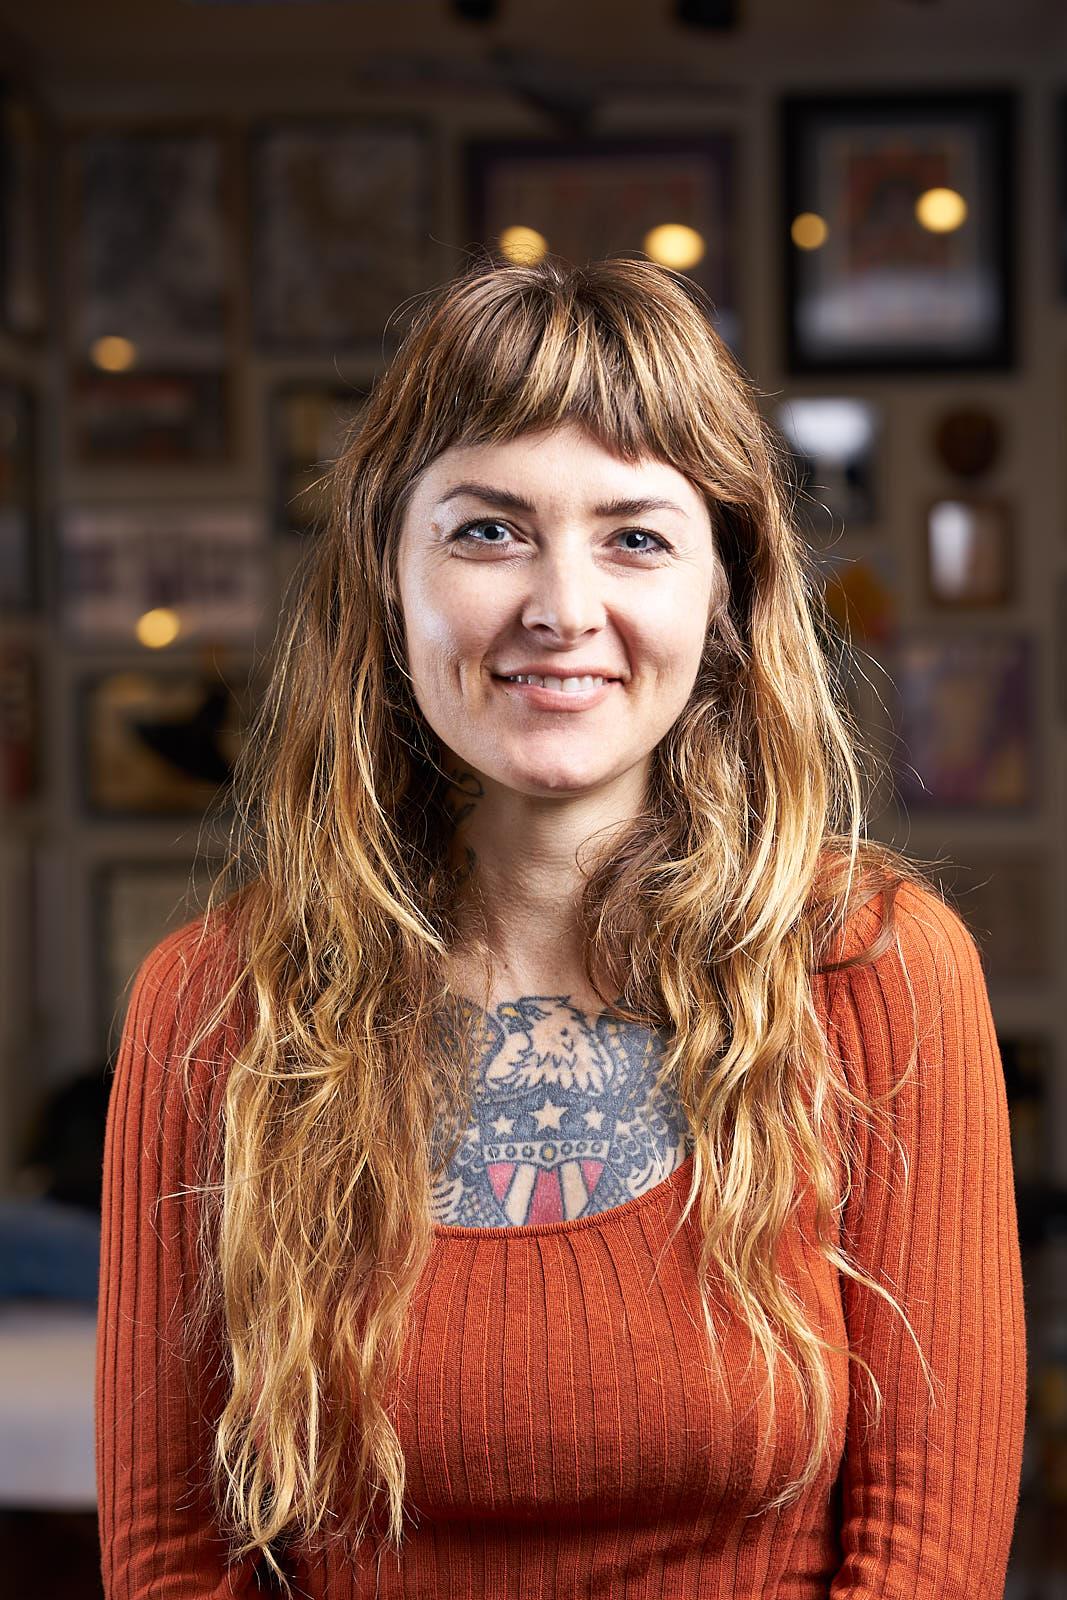 Jennalee Mahan Portrait - Tattooer at Great Wave Tattoo